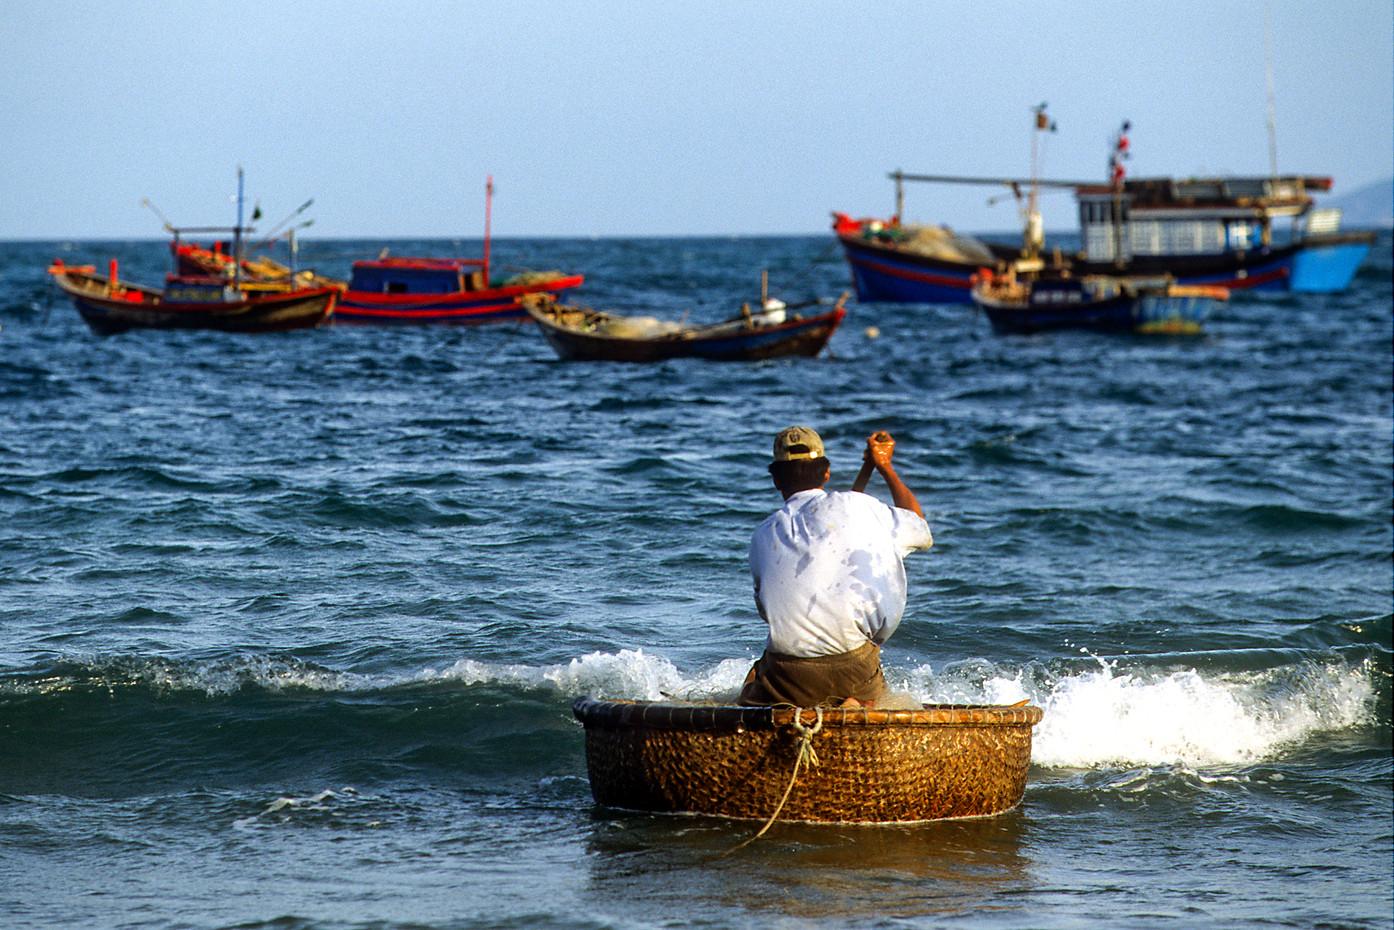 Fisherman in Nha Trang, Vietnam